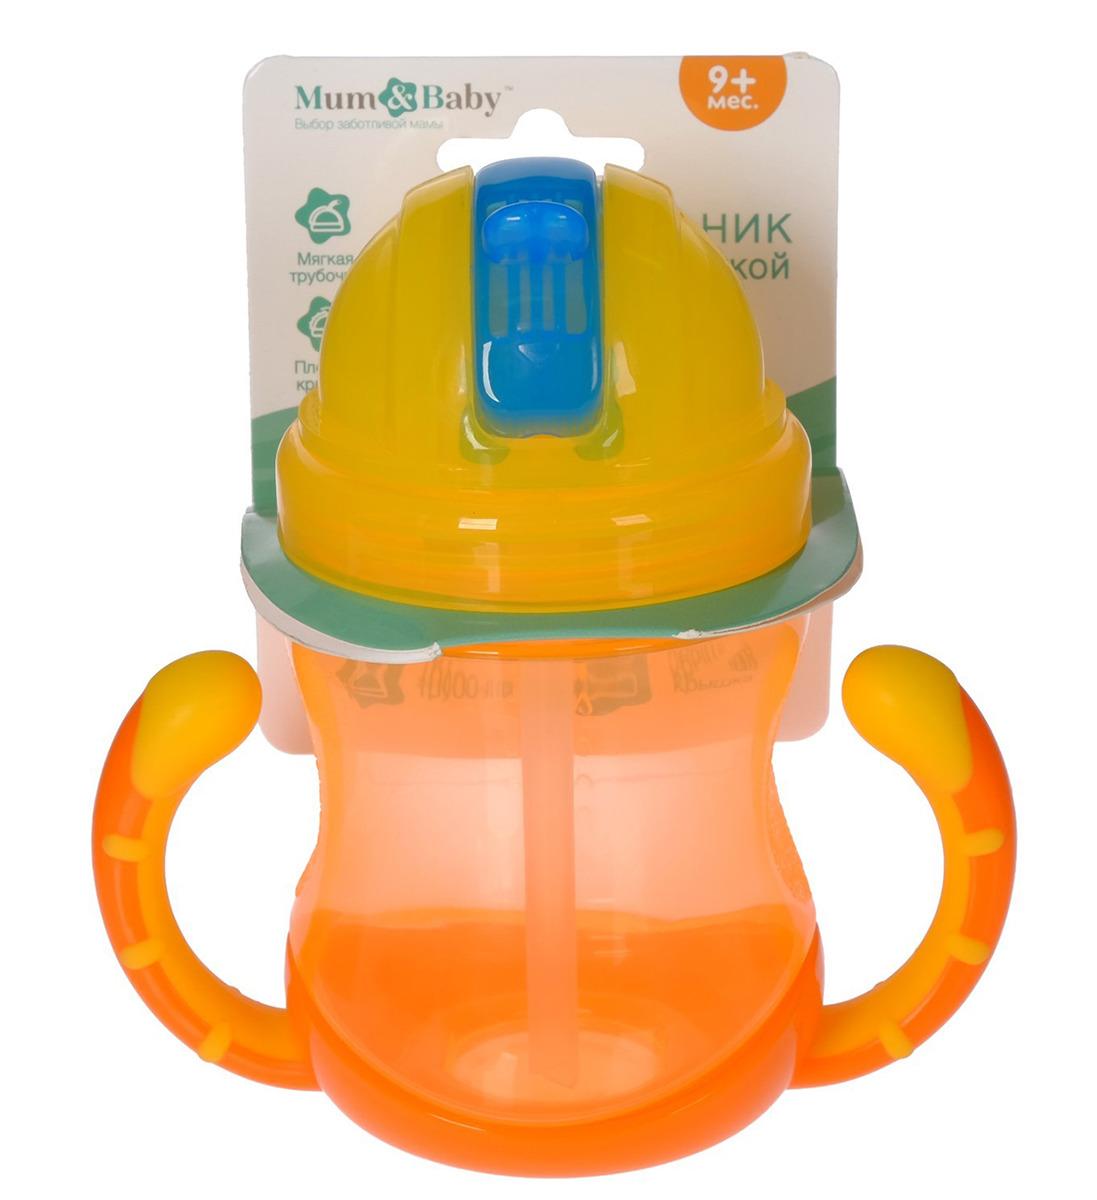 Поильник для детей Mum&Baby, 2793095, оранжевый, 270 мл